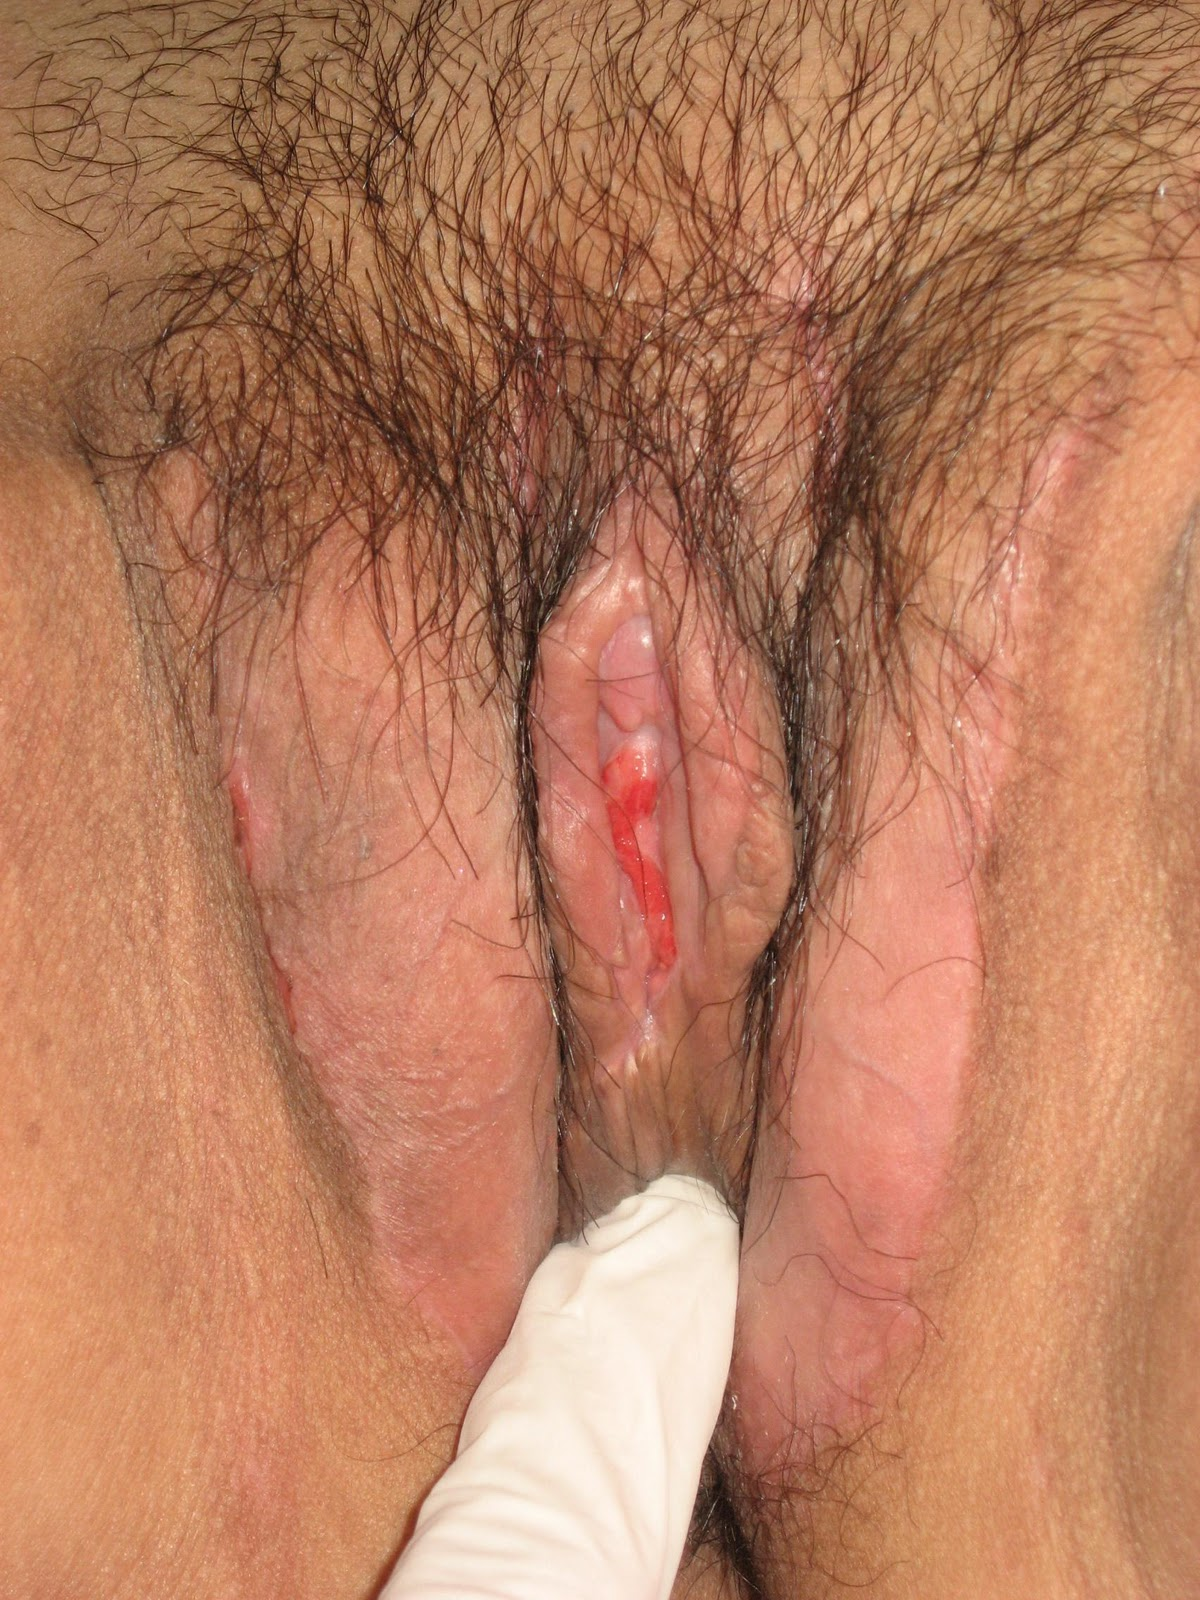 рот трансу транссексуалы изменение пола фото вагина трансы большими